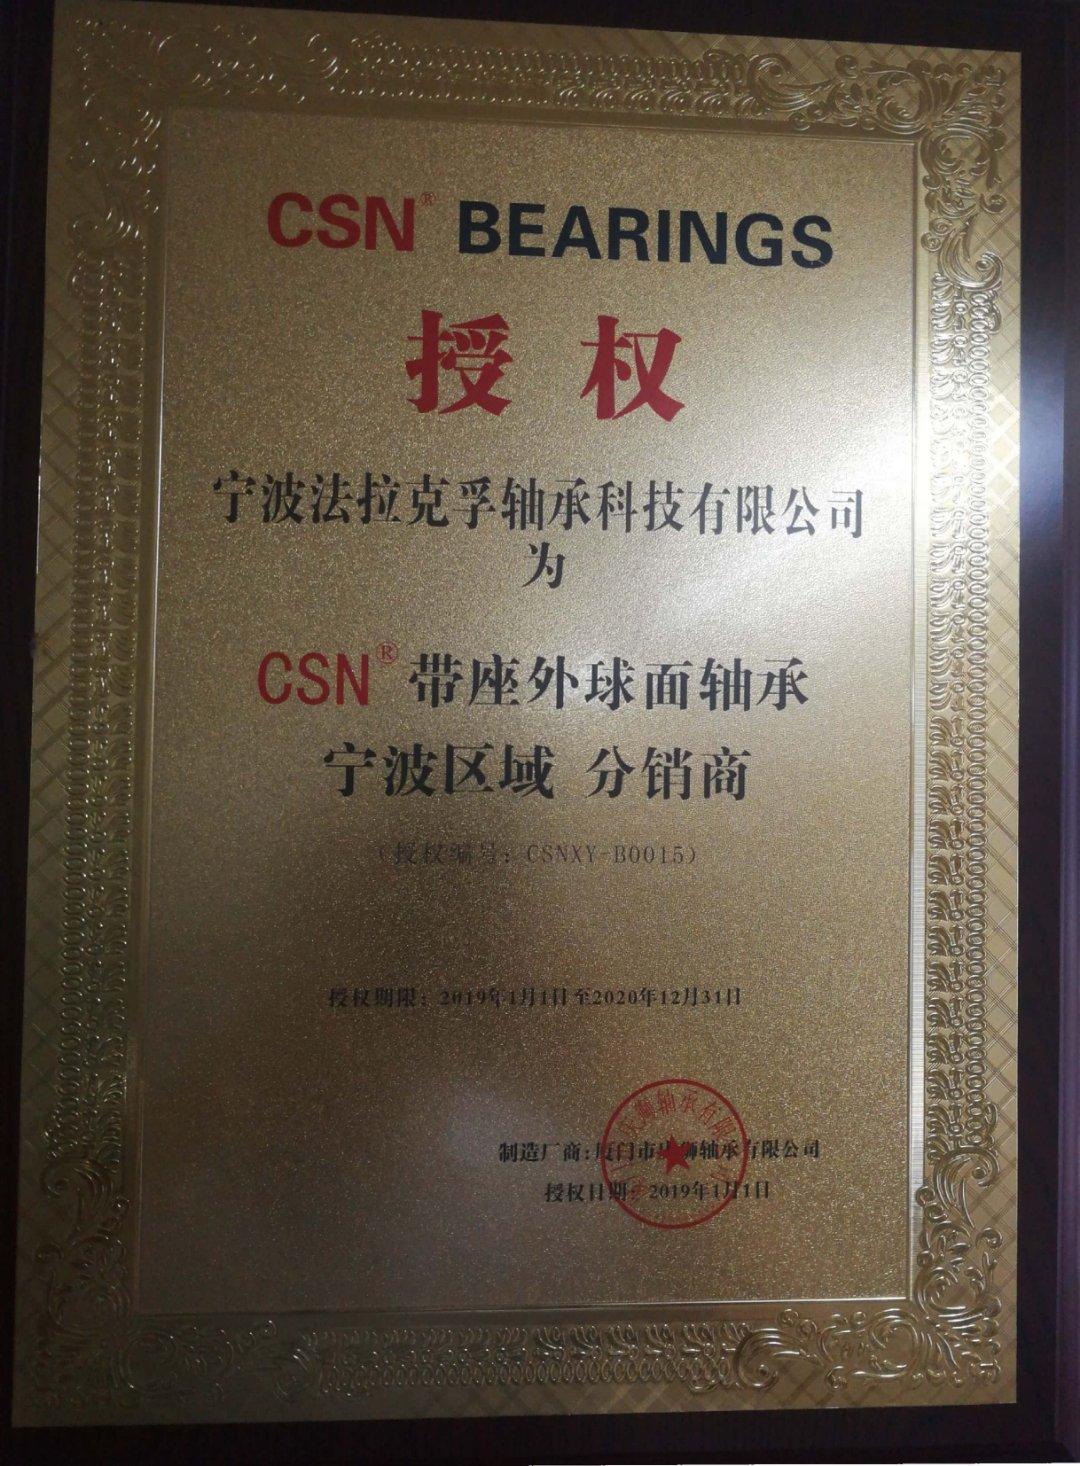 2019年CSN授权书